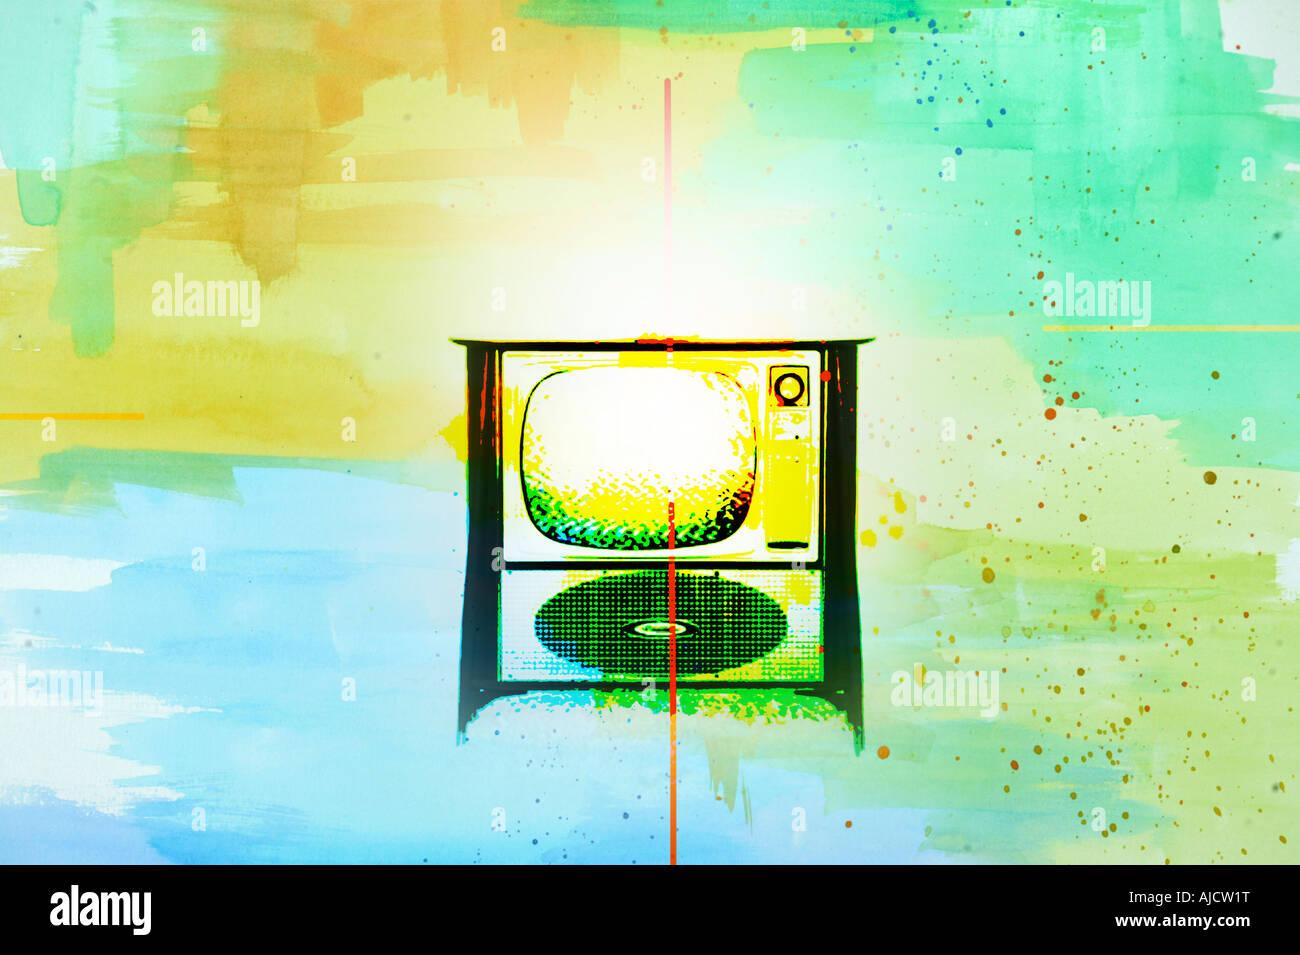 vintage TV antique vintage old tv television in surreal photo illustration - Stock Image